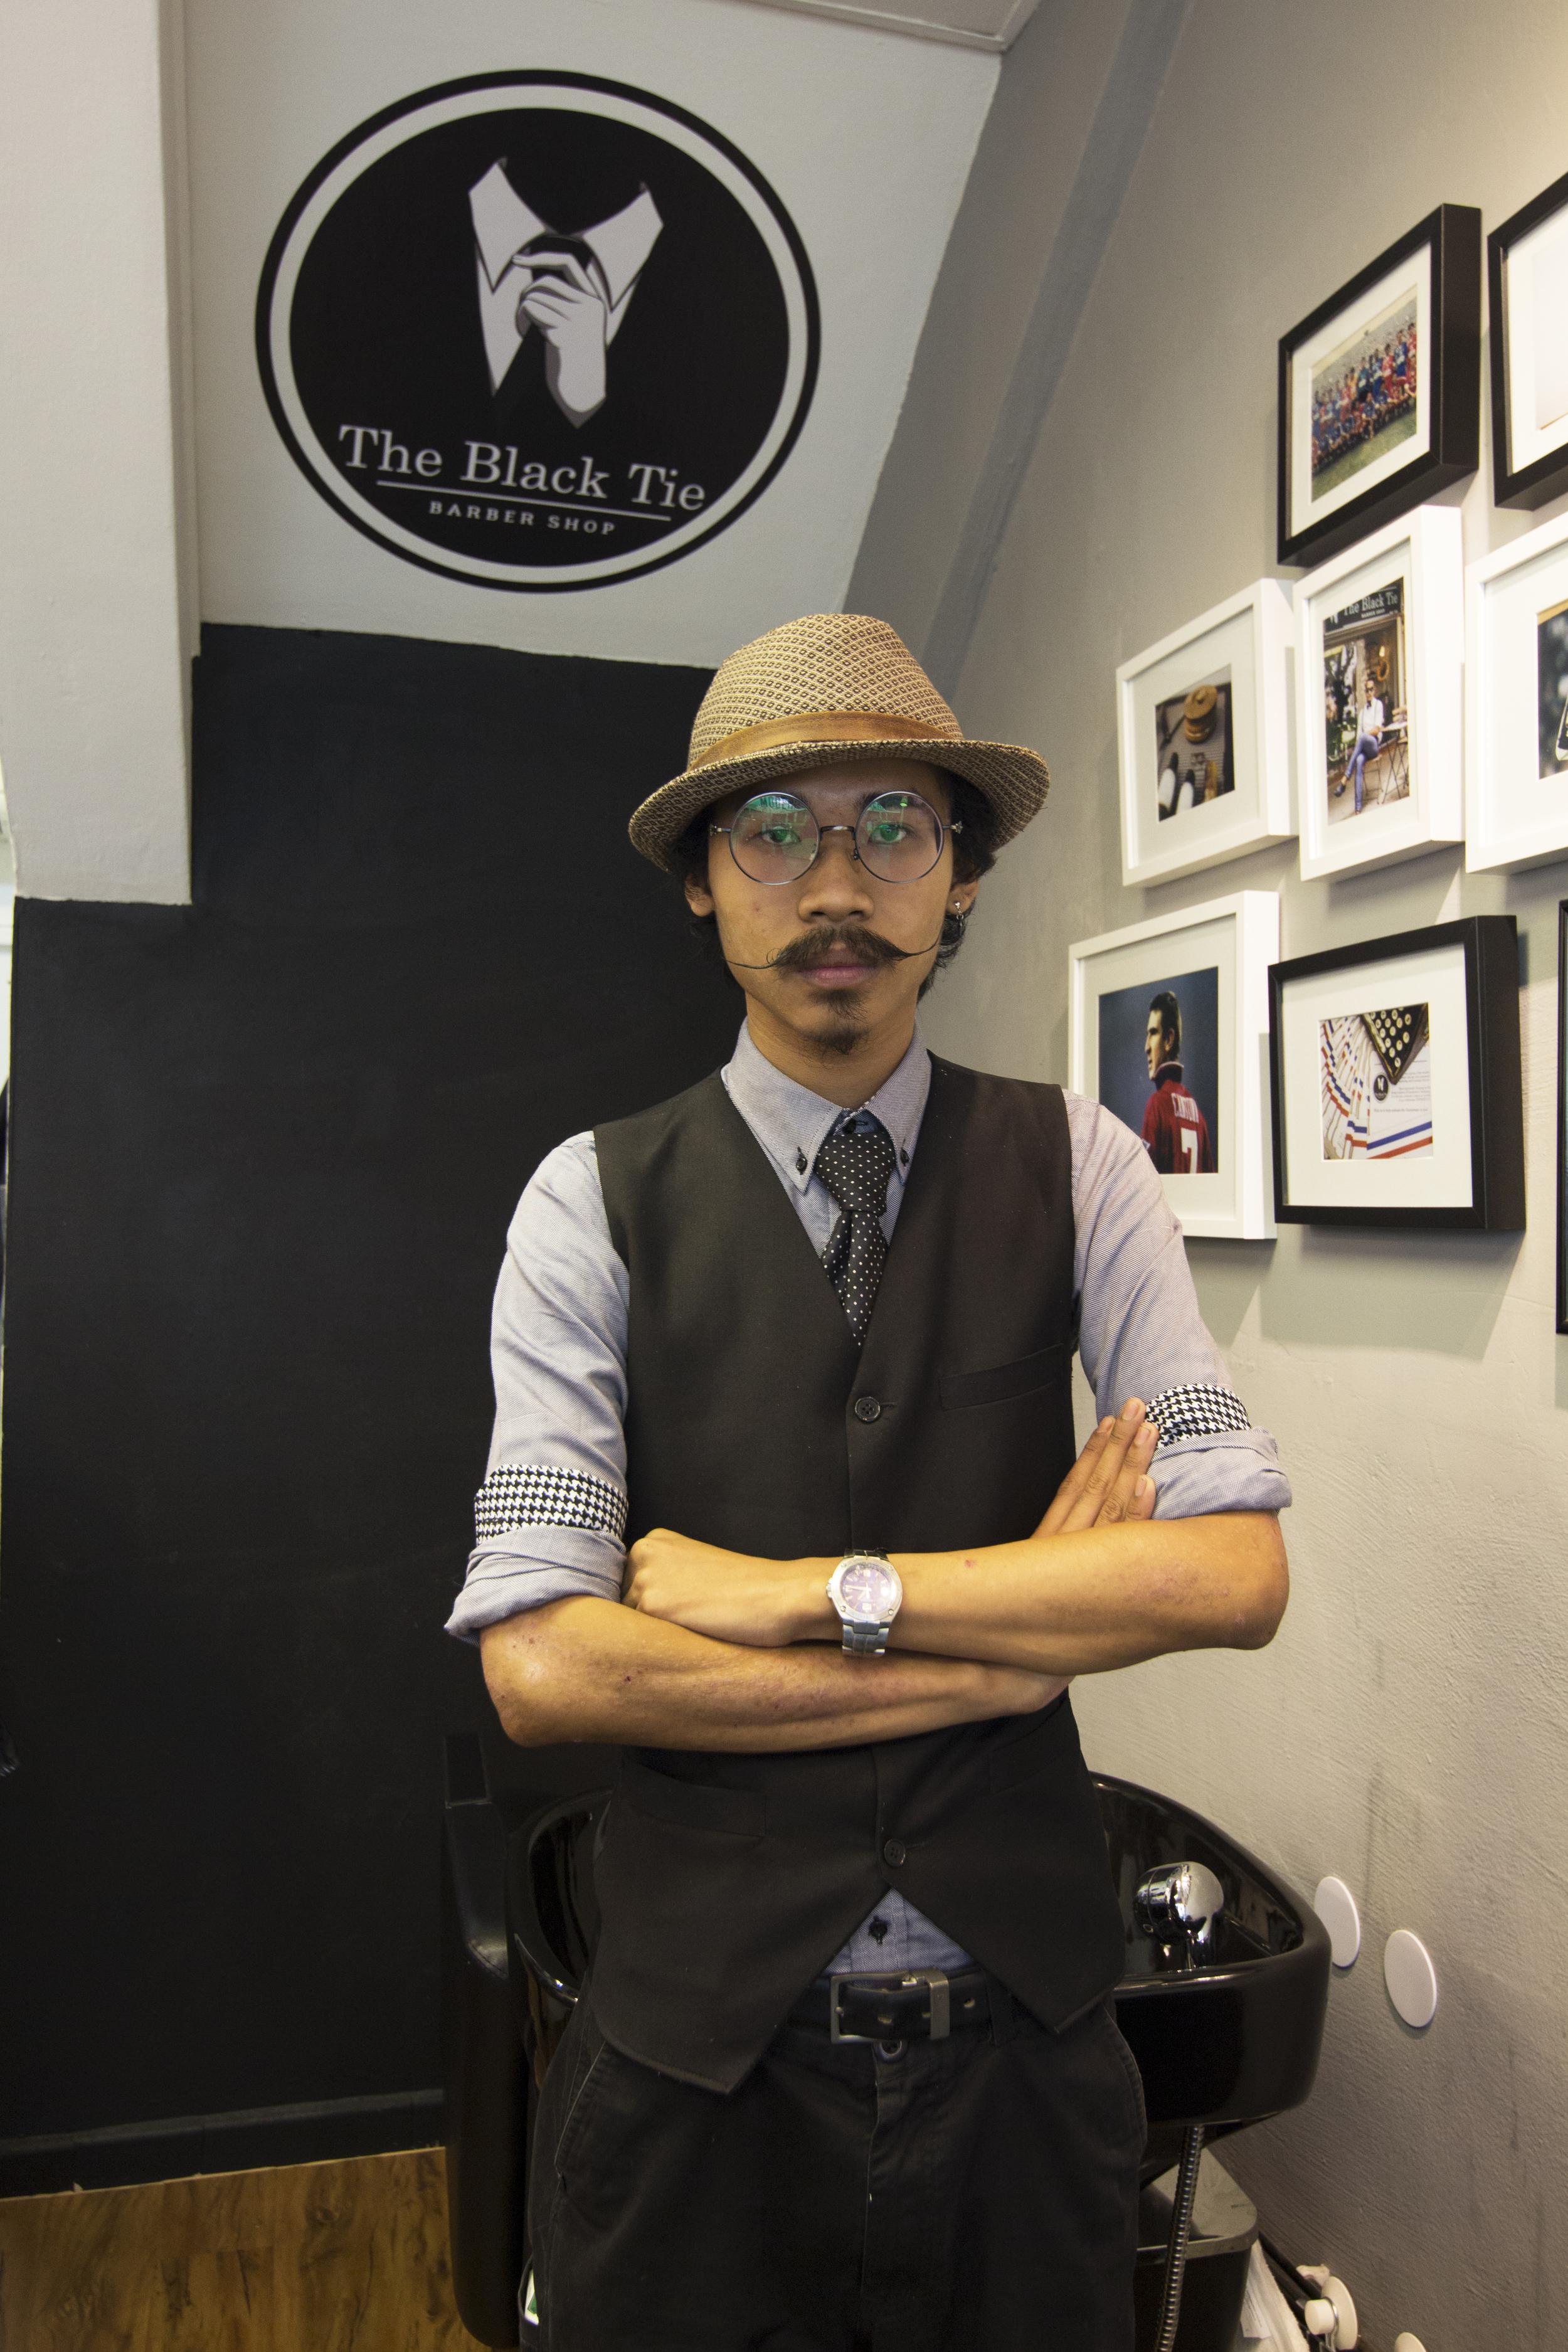 Jacky Chan a.k.a Barber Jacky